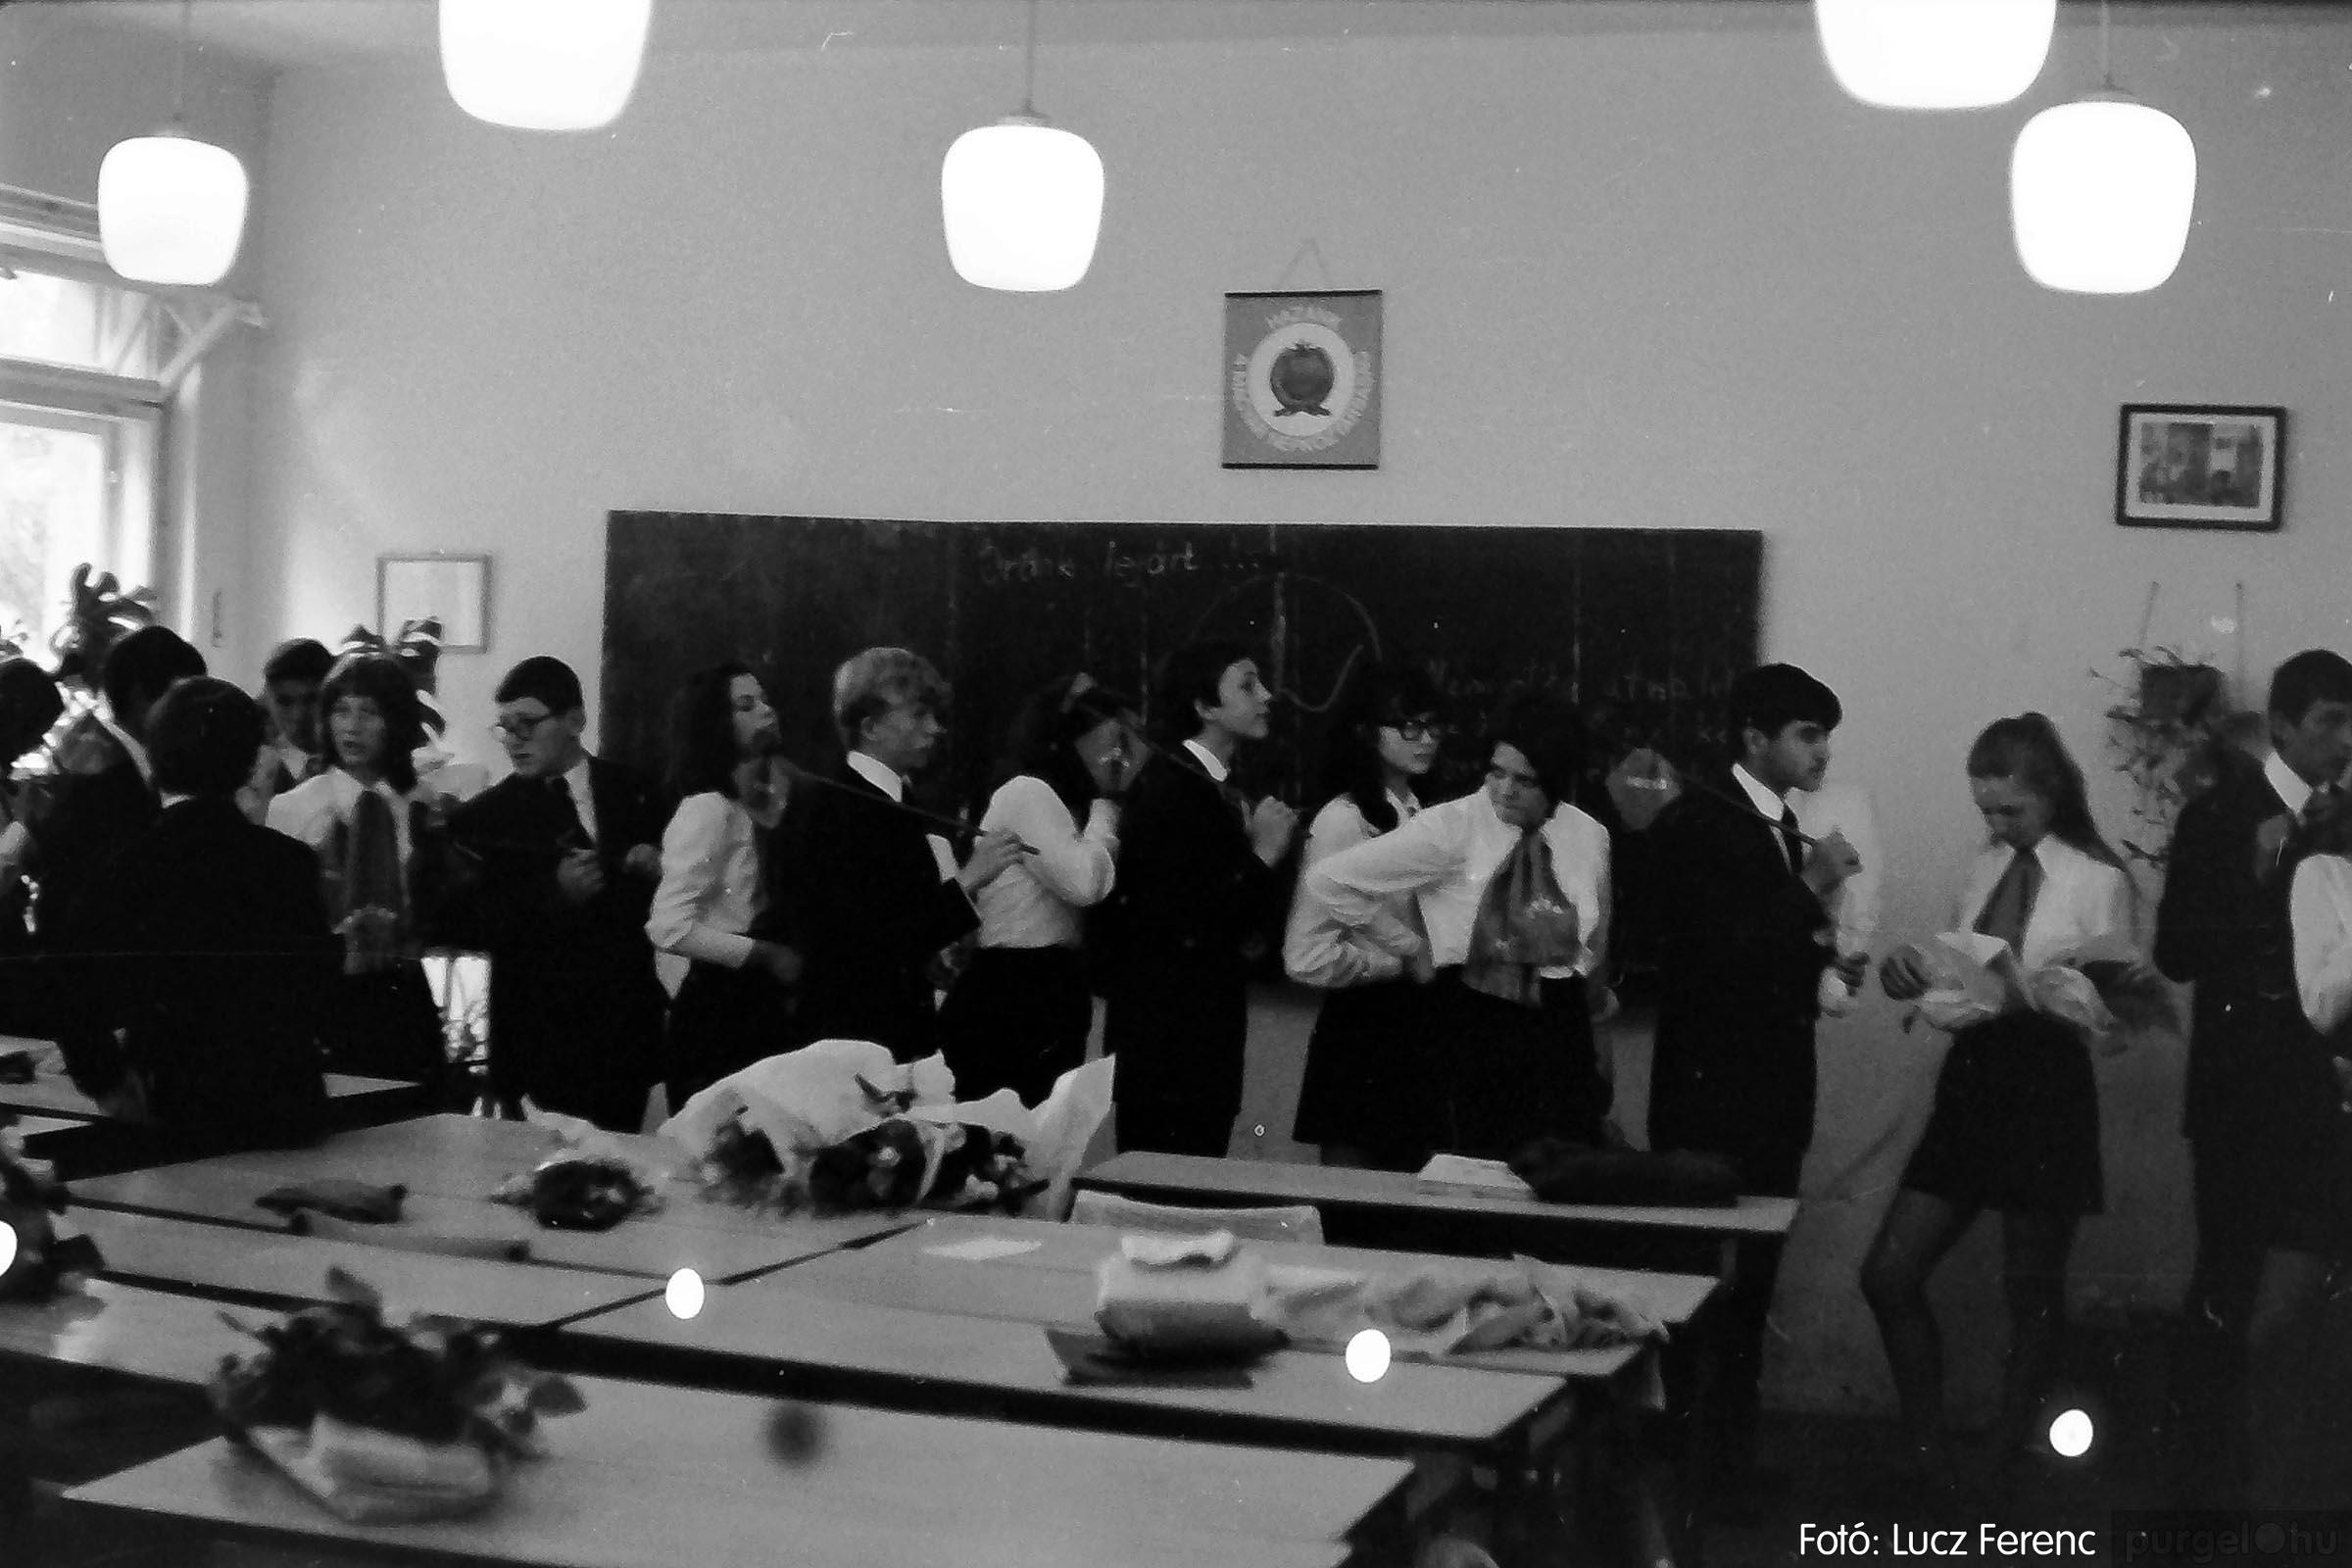 001 1972.05.27. Ballagás a szegvári iskolában 008 - Fotó: Lucz Ferenc - IMG01065q.jpg